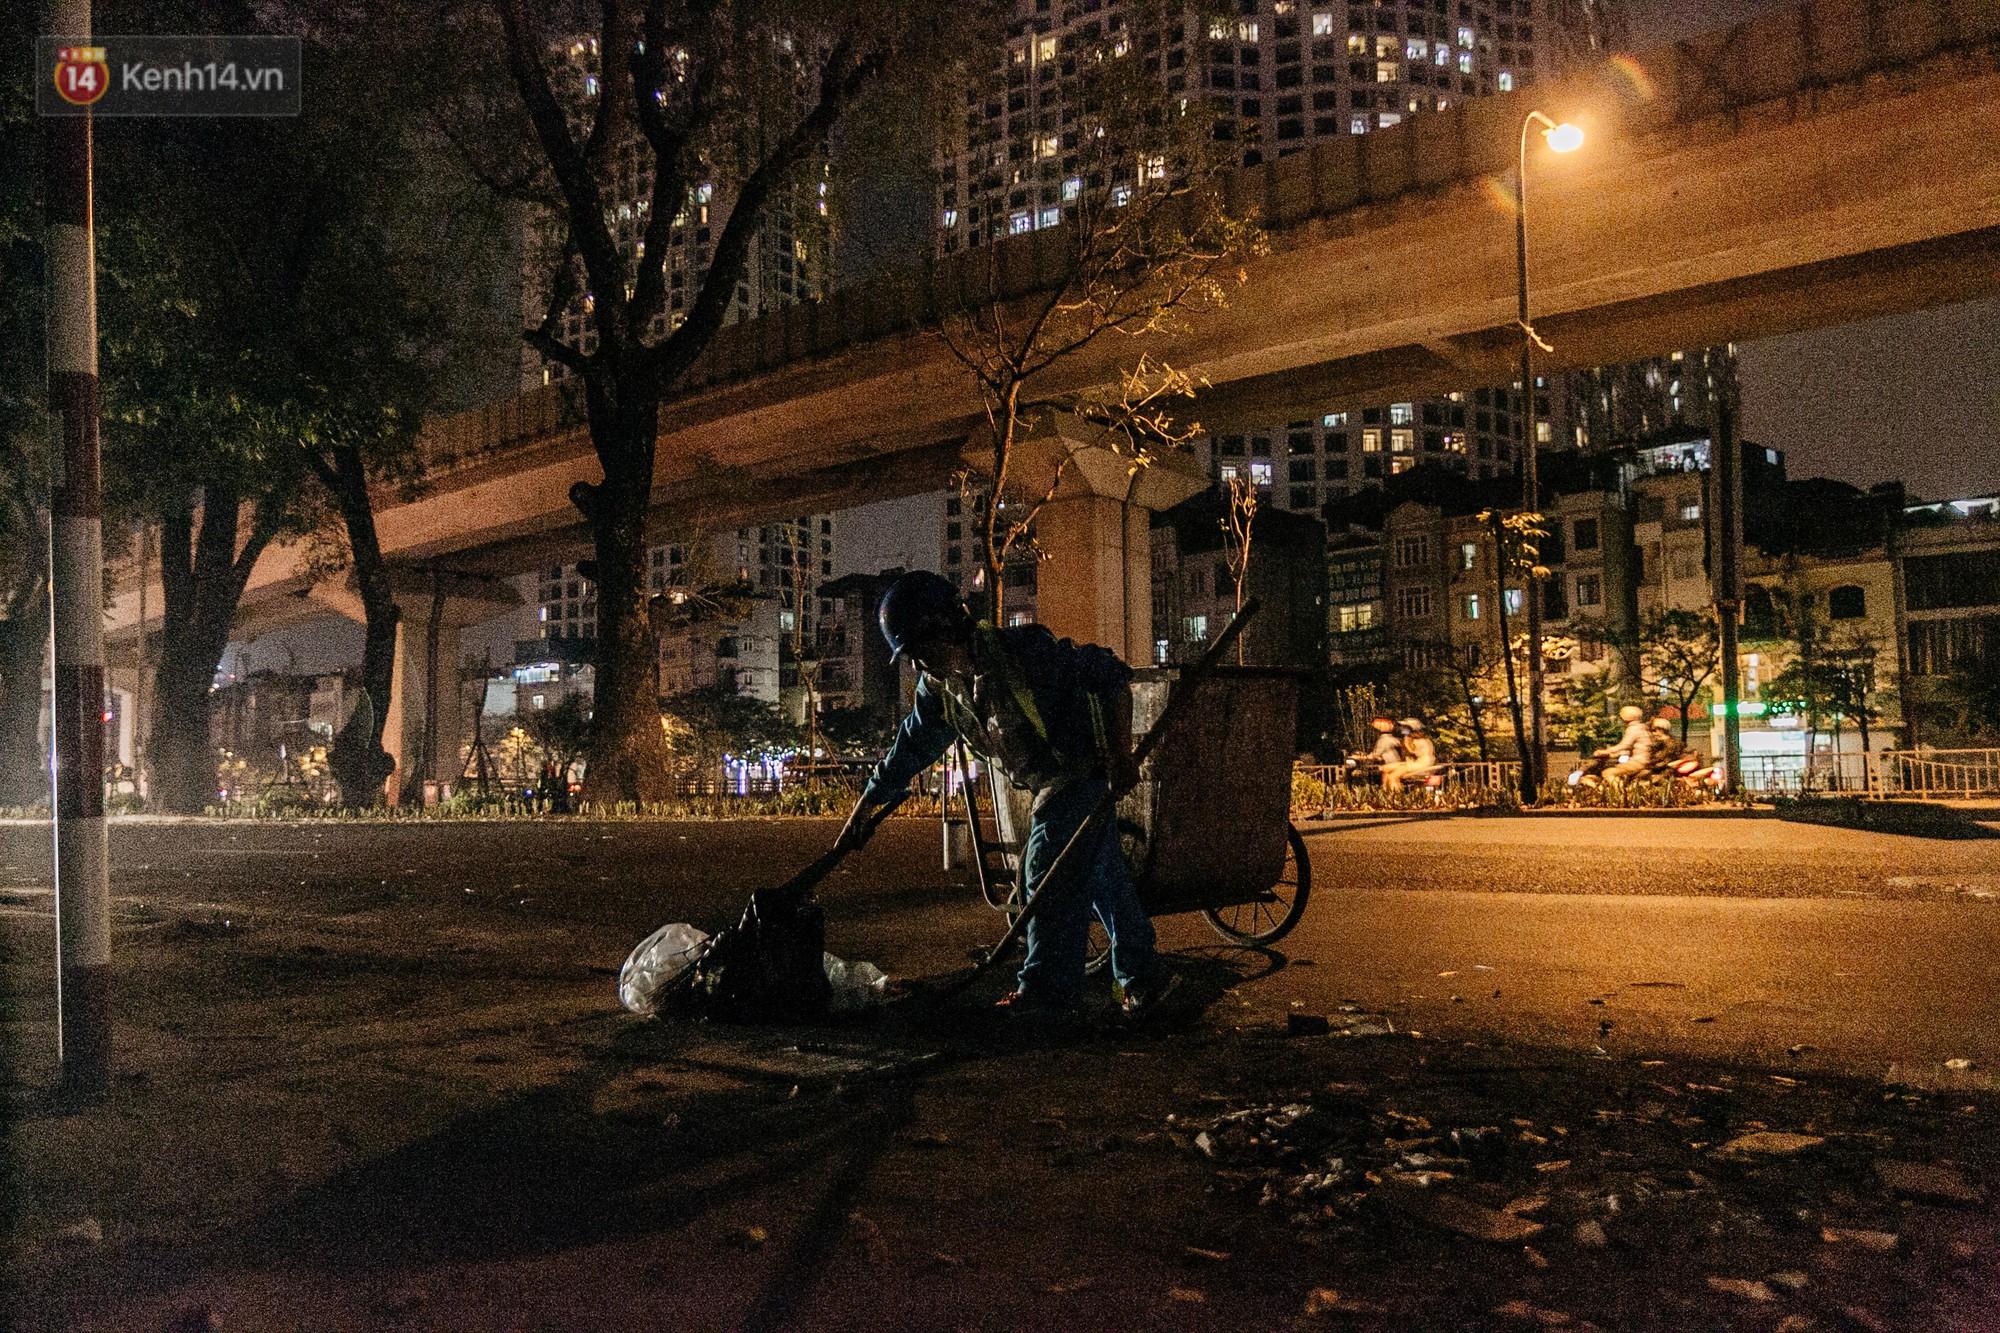 Sự ra đi của nữ công nhân môi trường và nỗi ám ảnh người ở lại: Những phận đời phu rác bám đường phố Hà Nội mưu sinh-15